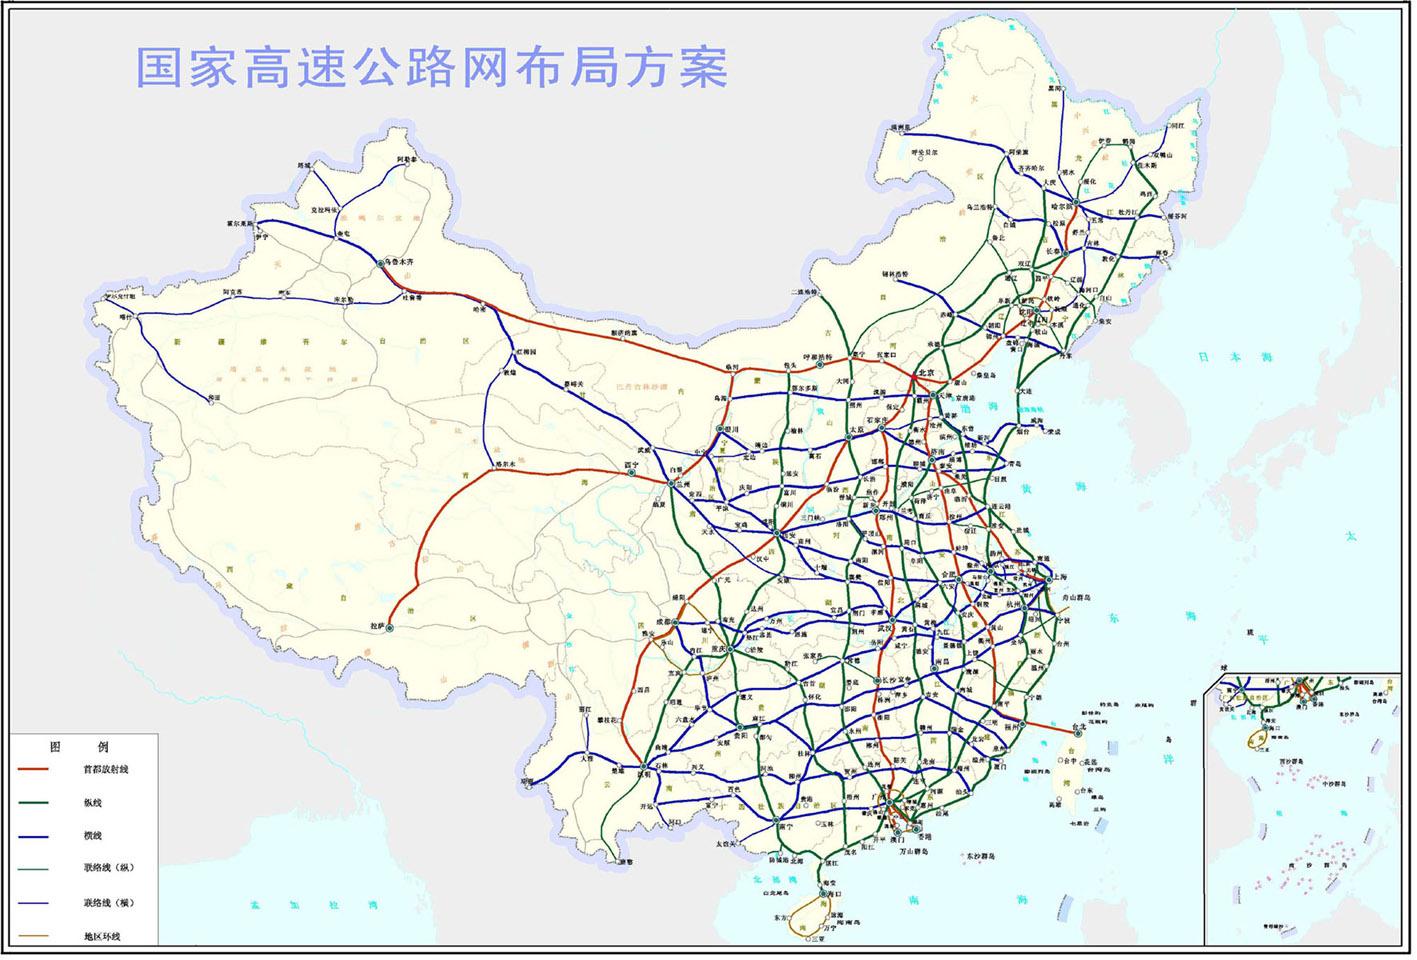 全国高速公路交通图